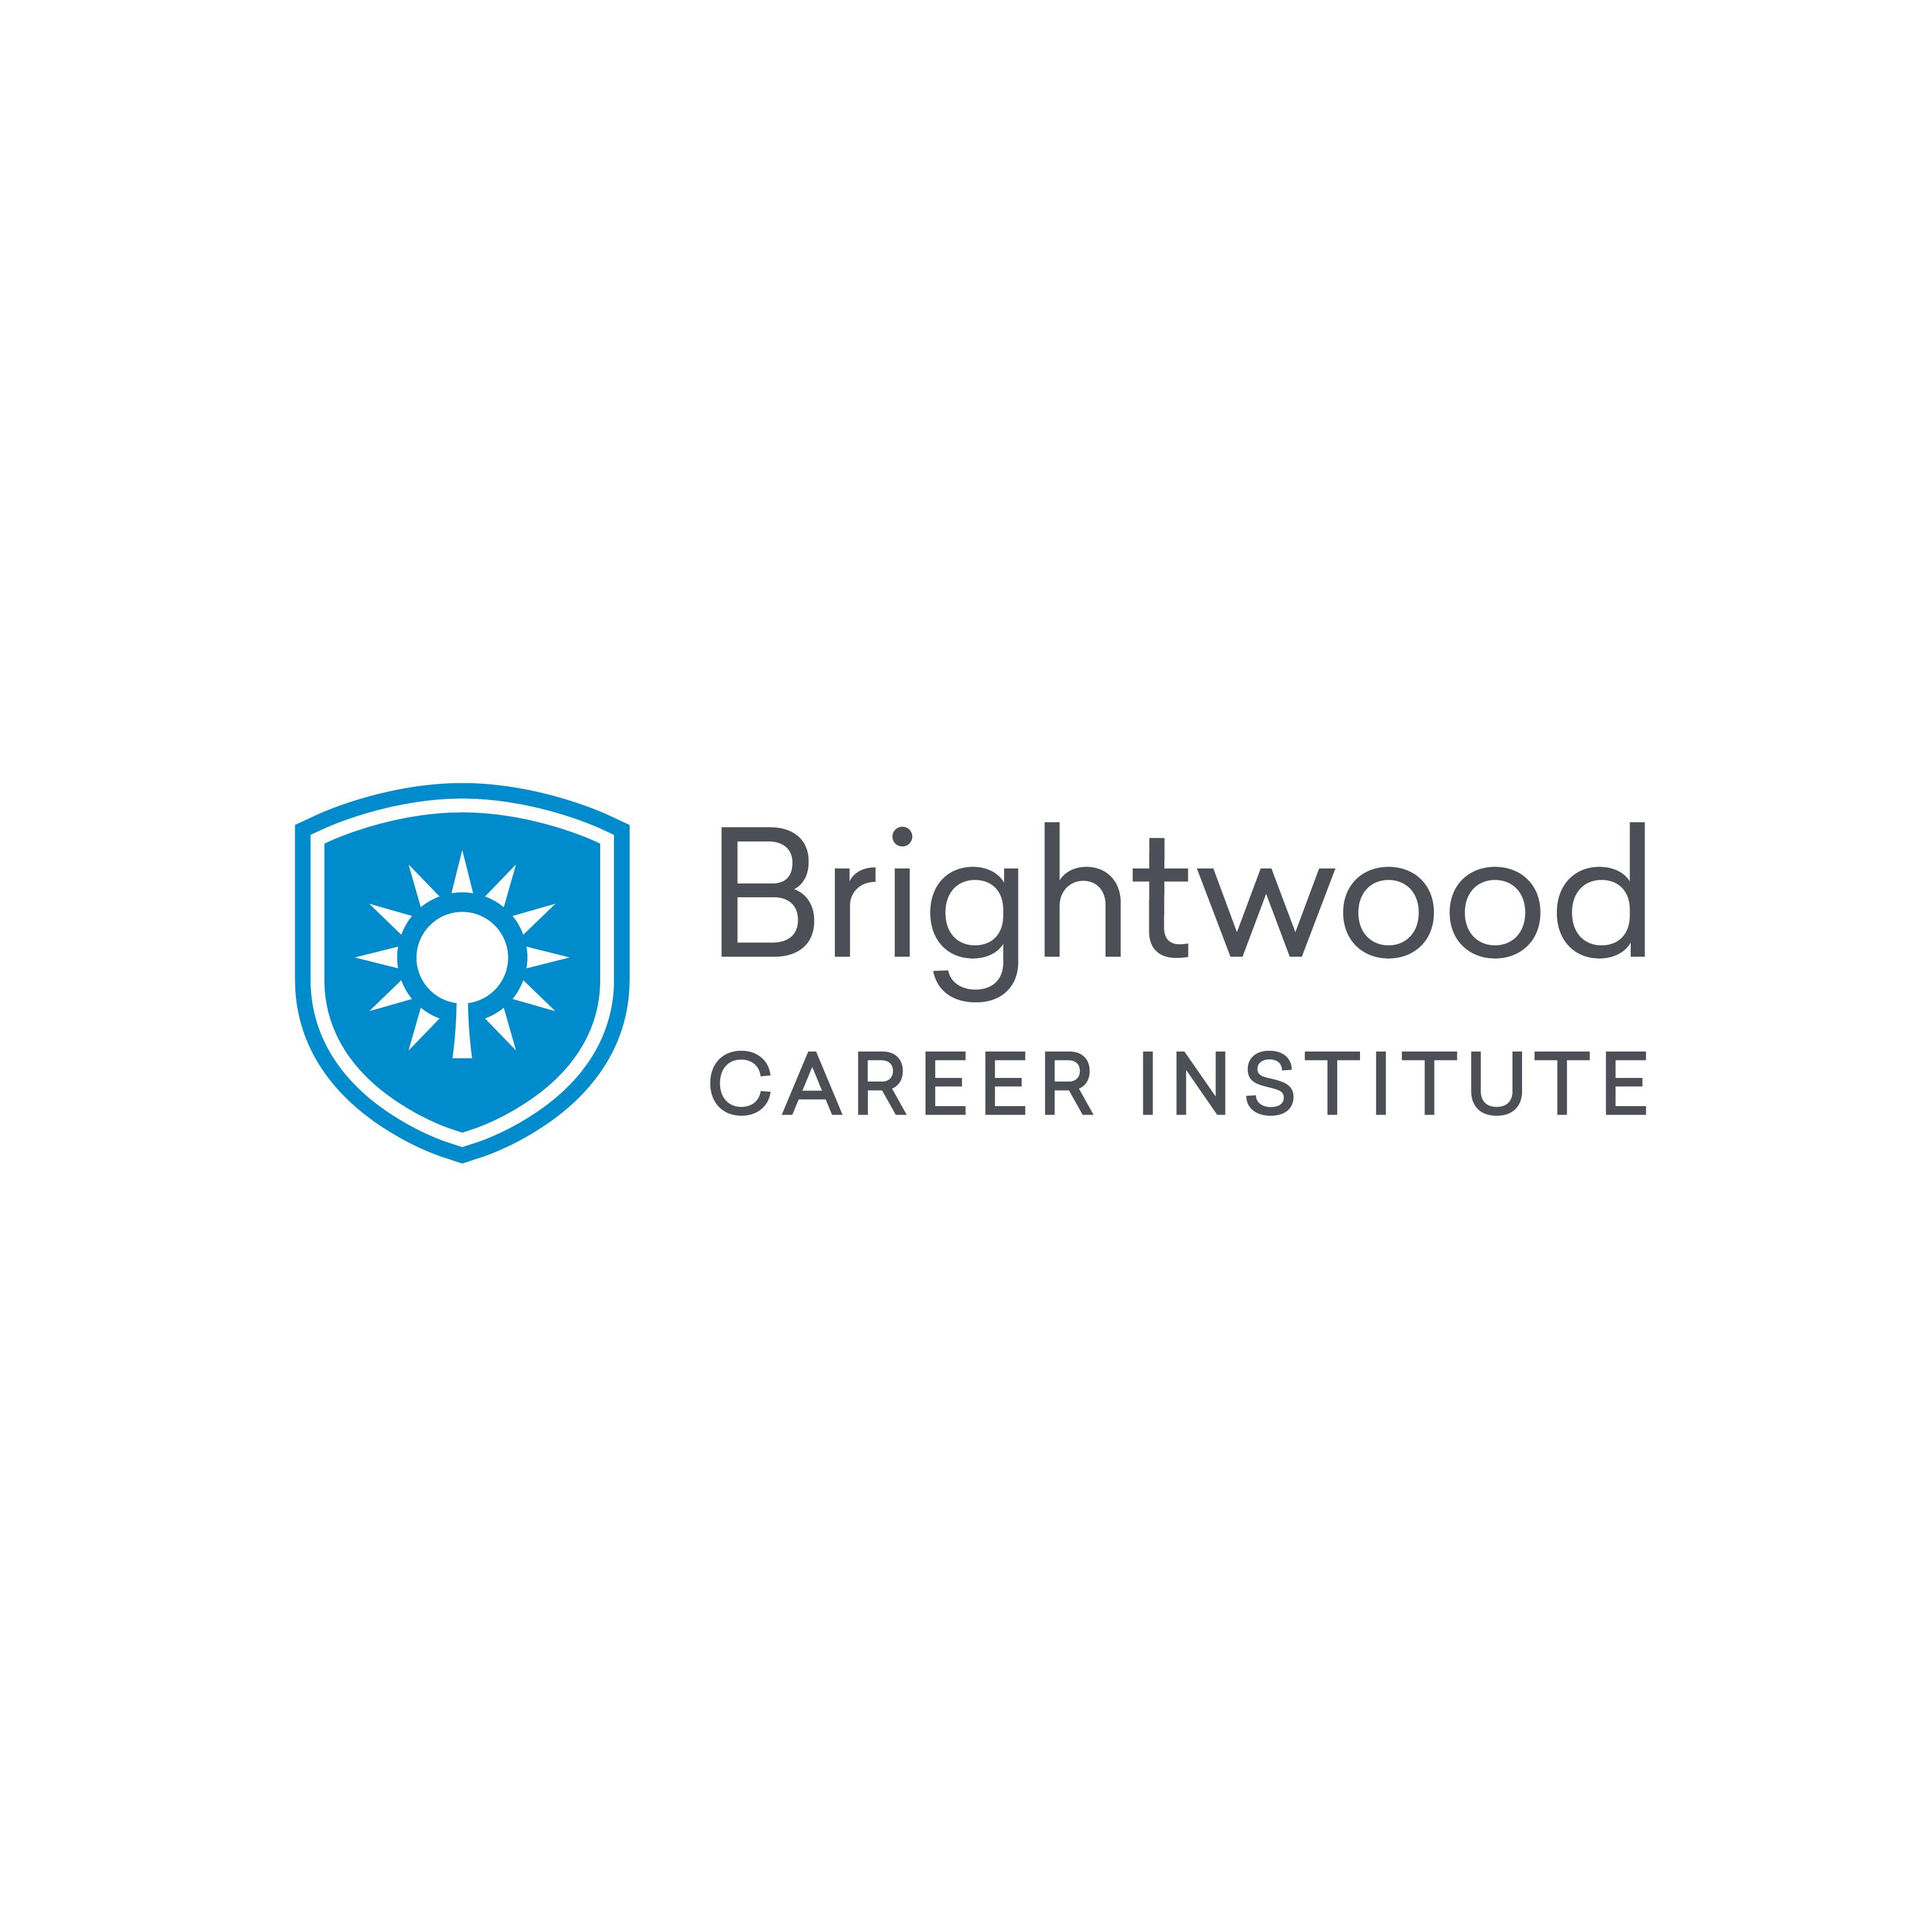 Brightwood Career Institute in Philadelphia - Philadelphia, PA - Colleges & Universities